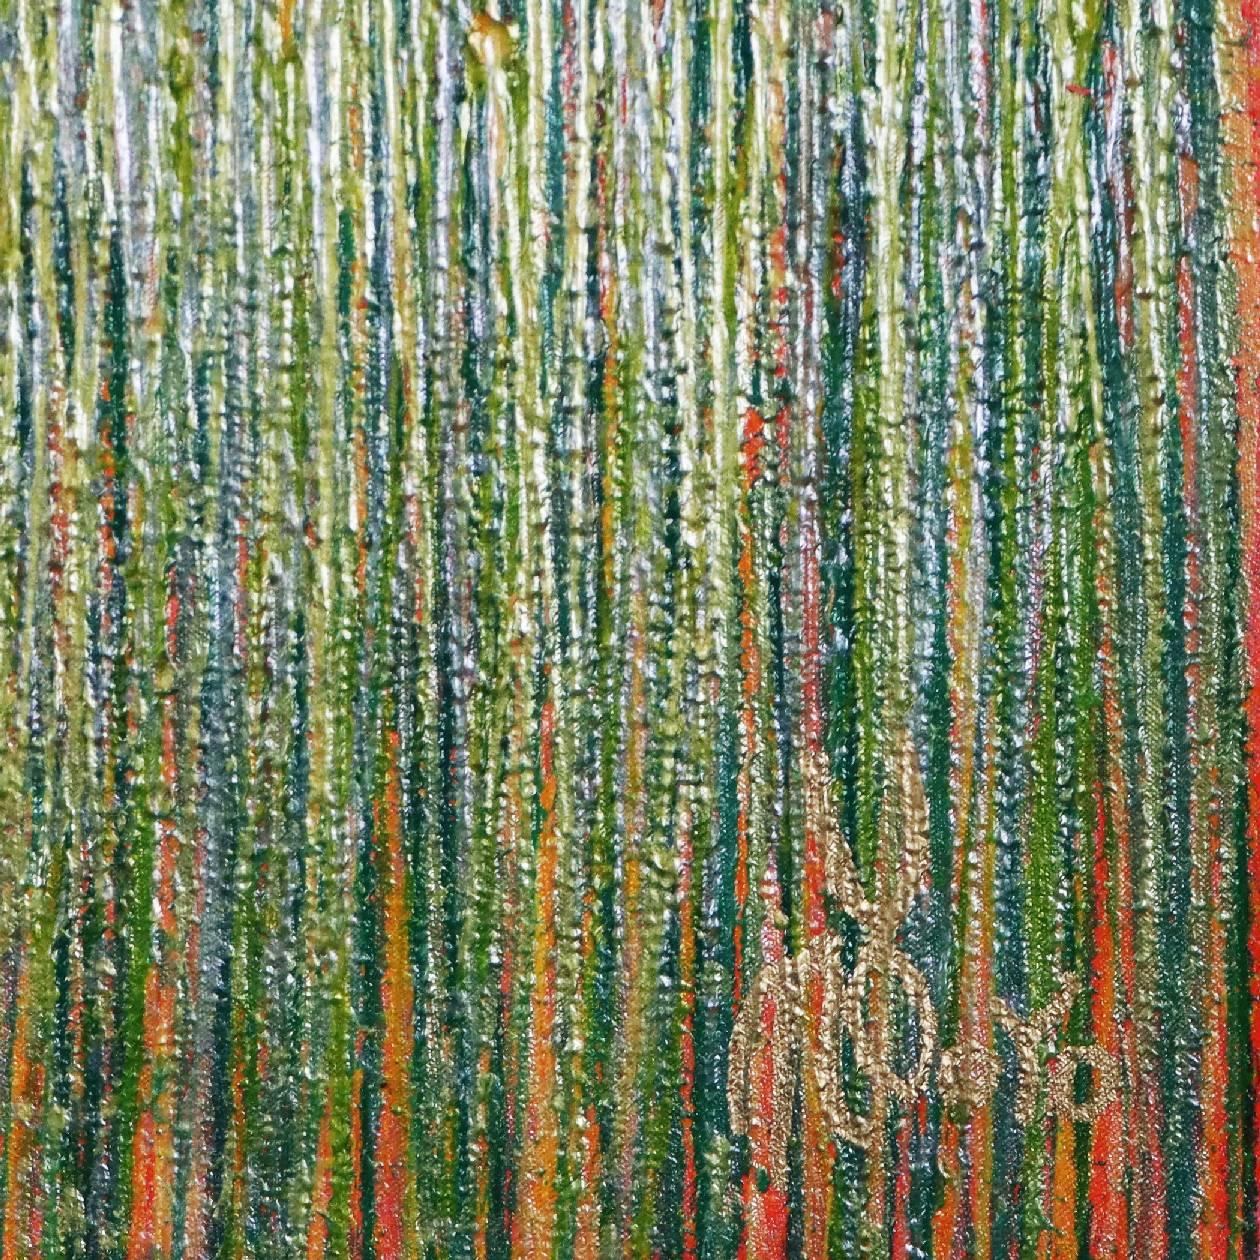 Signature - Daydream panorama (Natures imagery) 18 (2020) by Nestor Toro